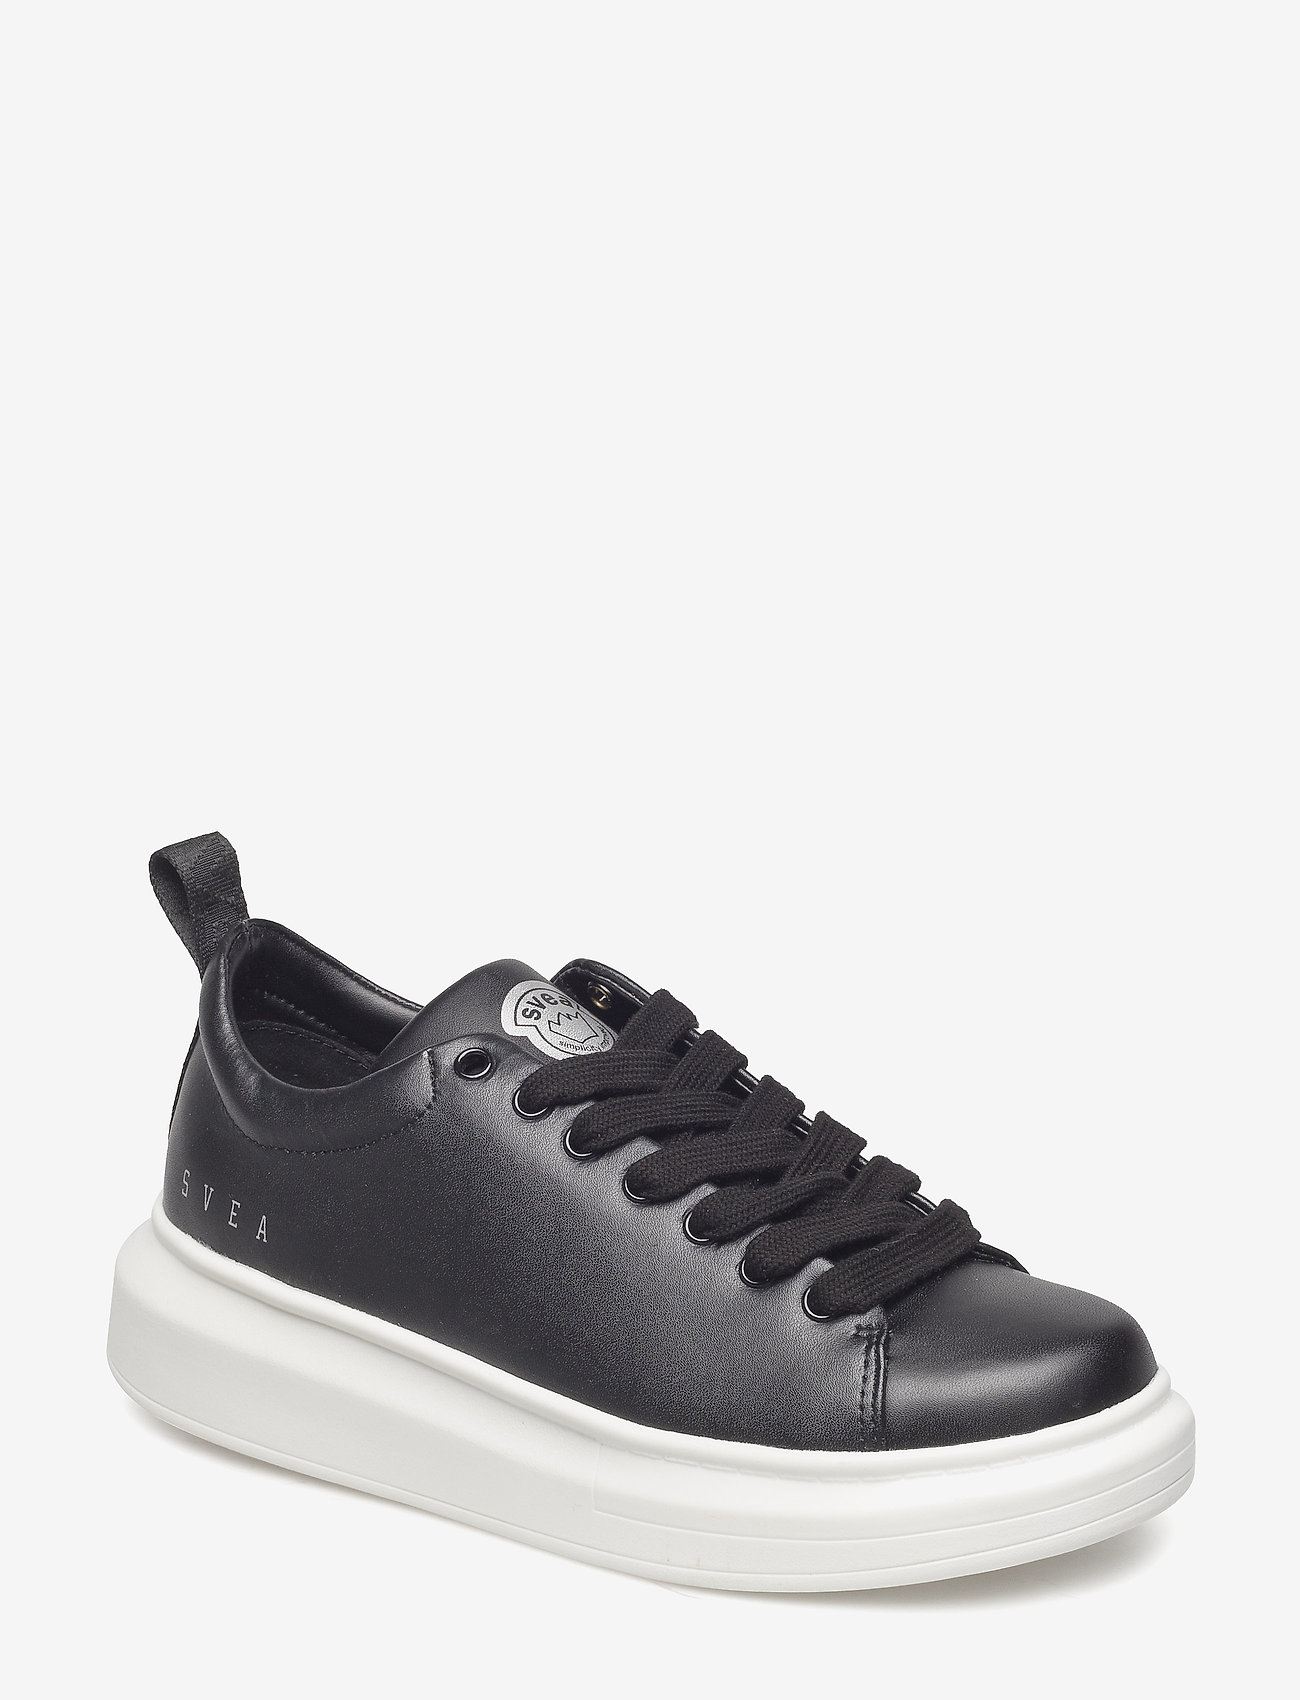 Svea - Charlie - lage sneakers - black - 0